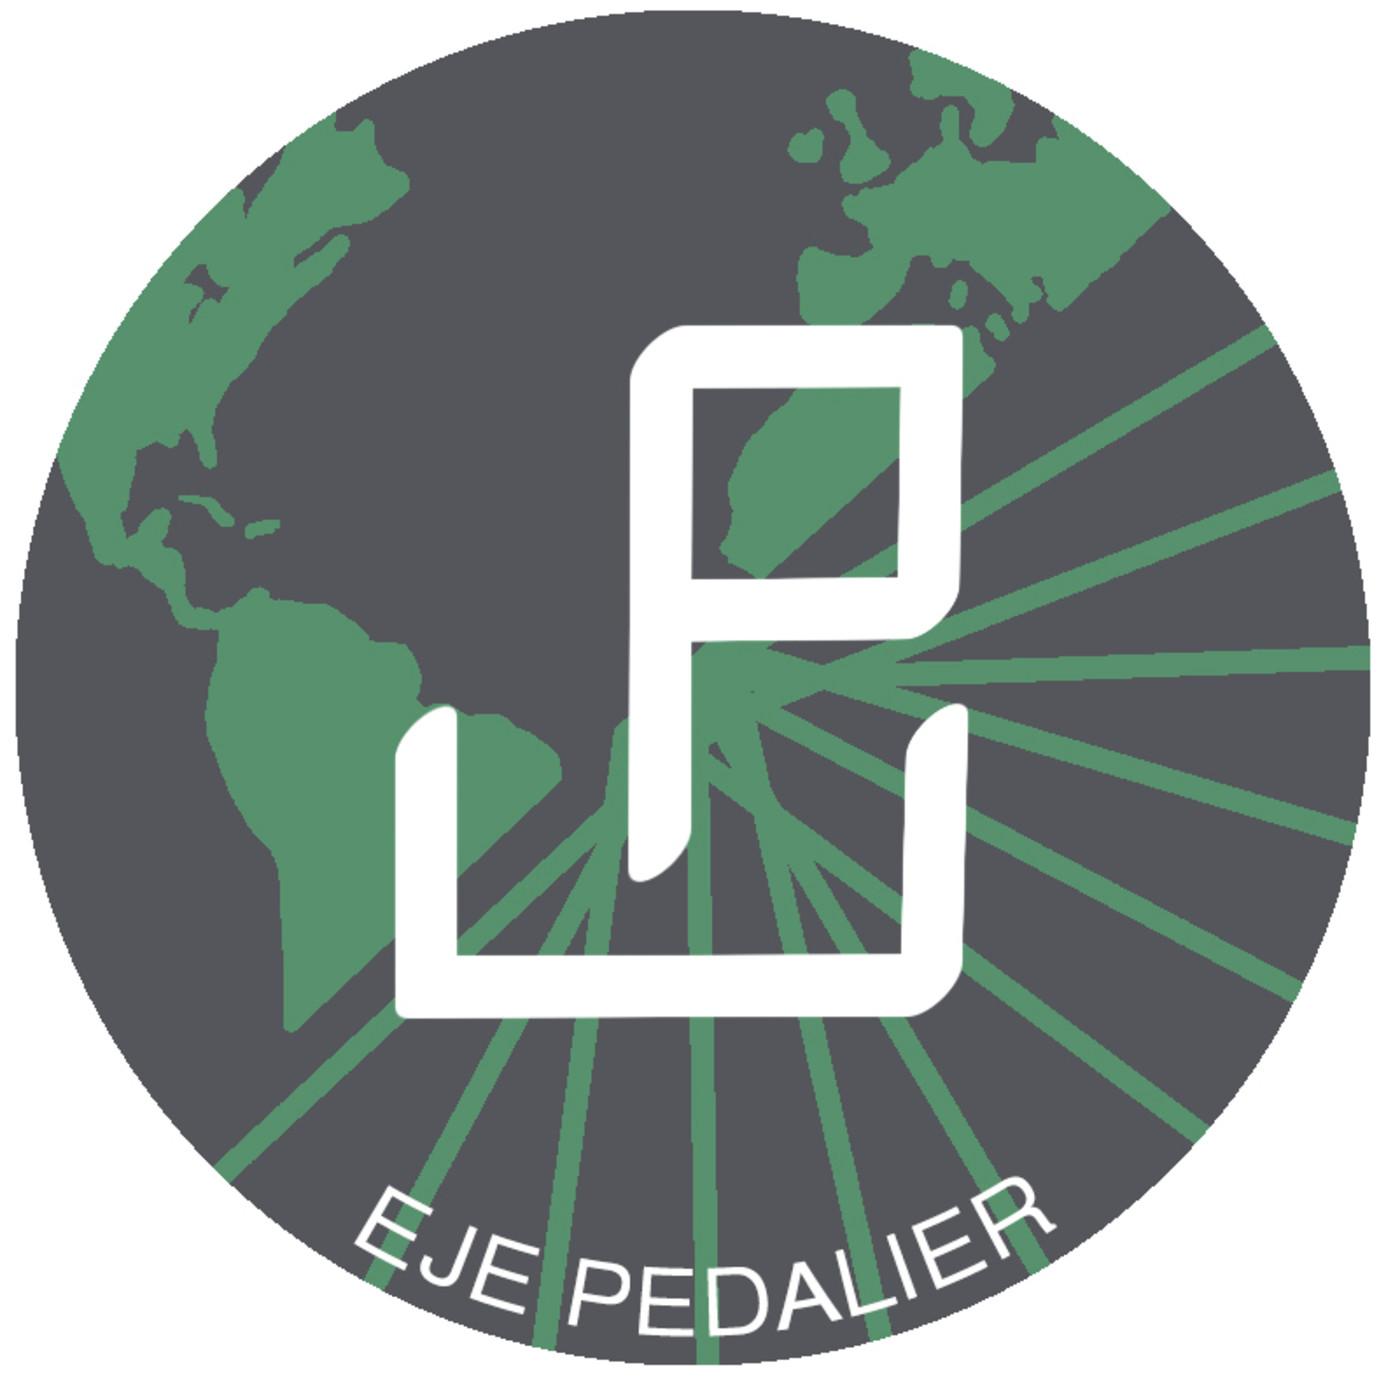 Eje Pedalier 2x09, Previas Paris-Niza y Tirreno-Adriatico y mejores del mes de febrero